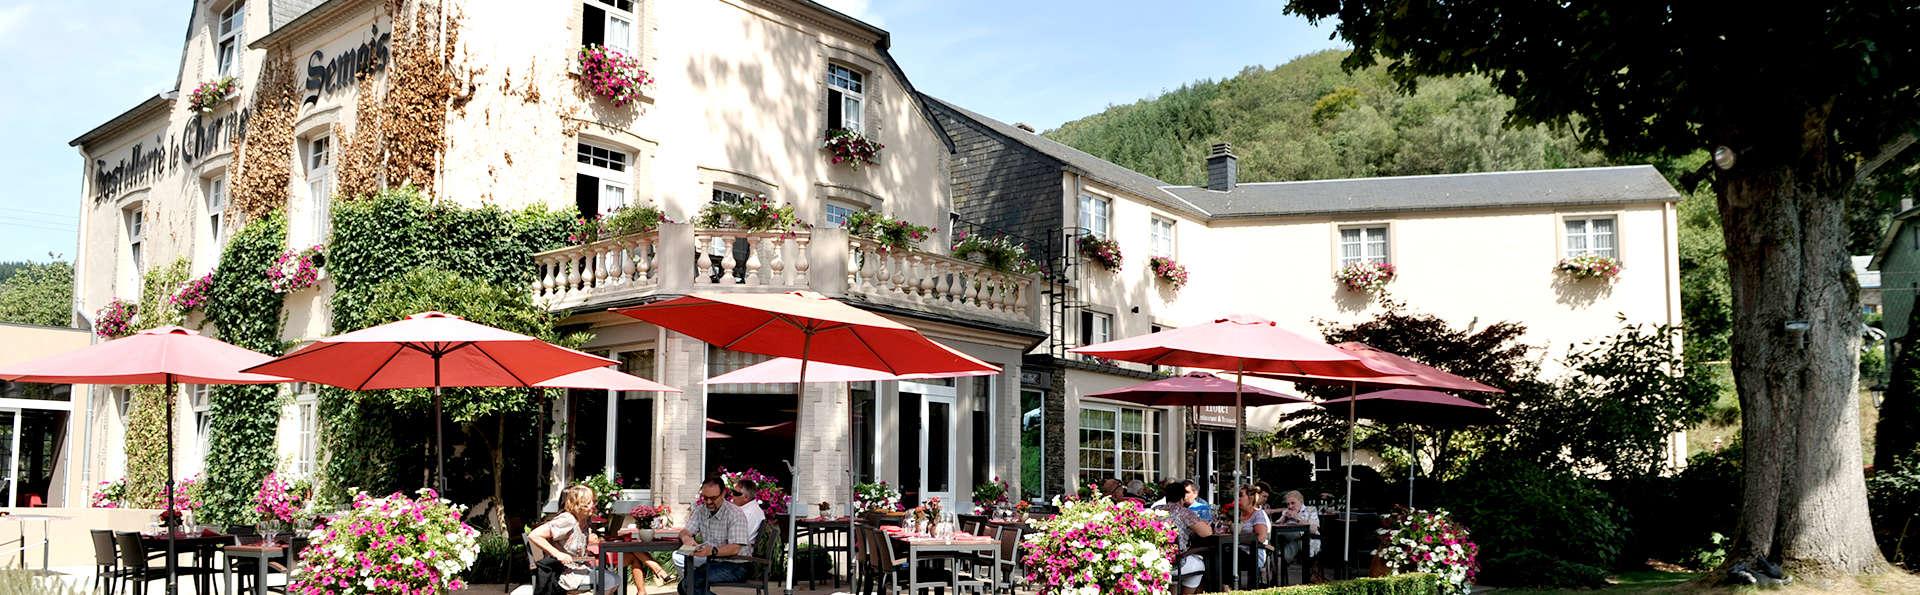 Weekend au coeur des Ardennes avec entrées pour l'abbaye d'Orval